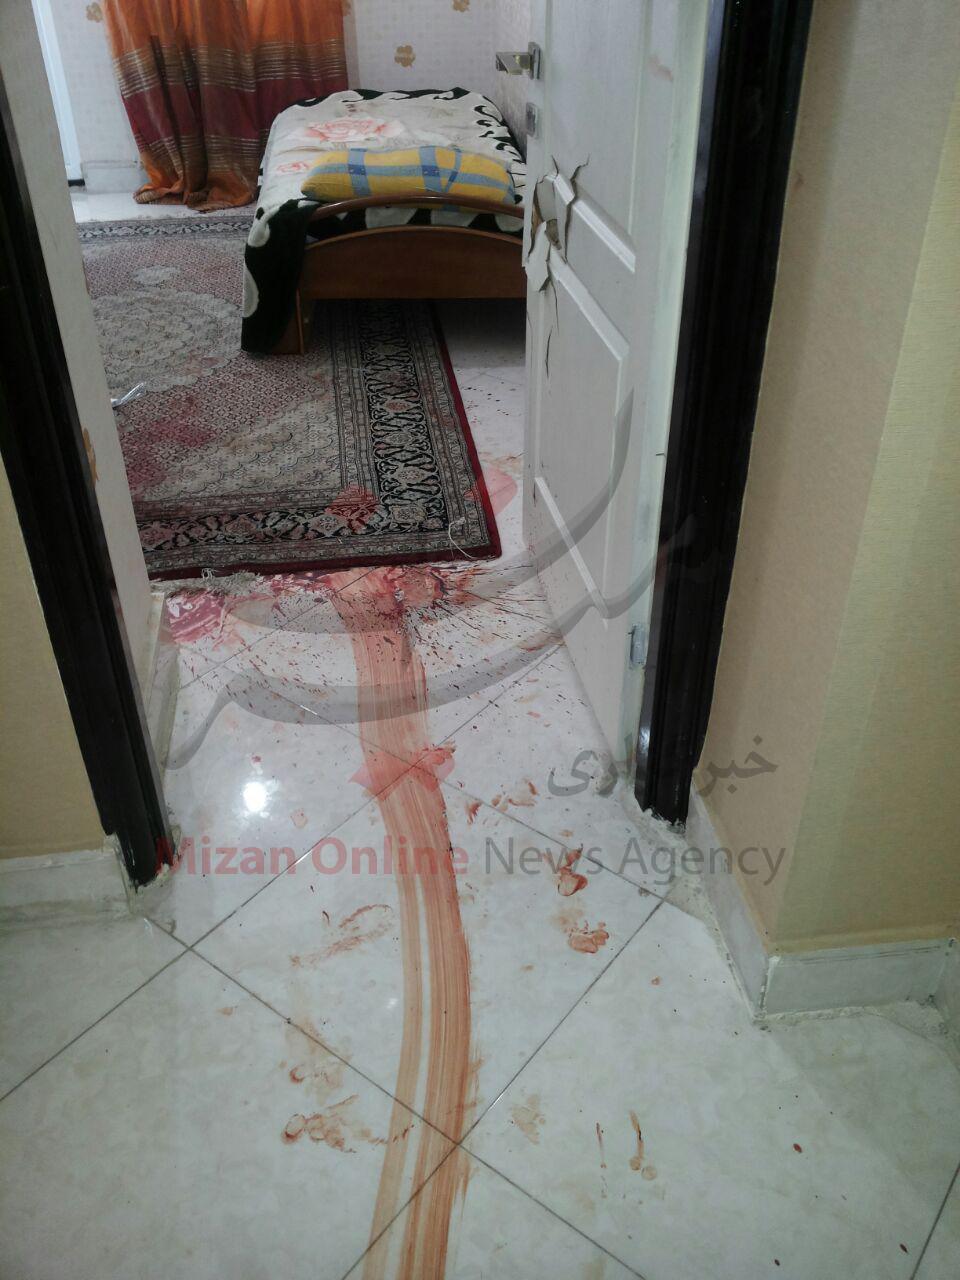 قتل هولناک همسر در تهران به خاطر عضویت در گروه های تلگرامی + عکس